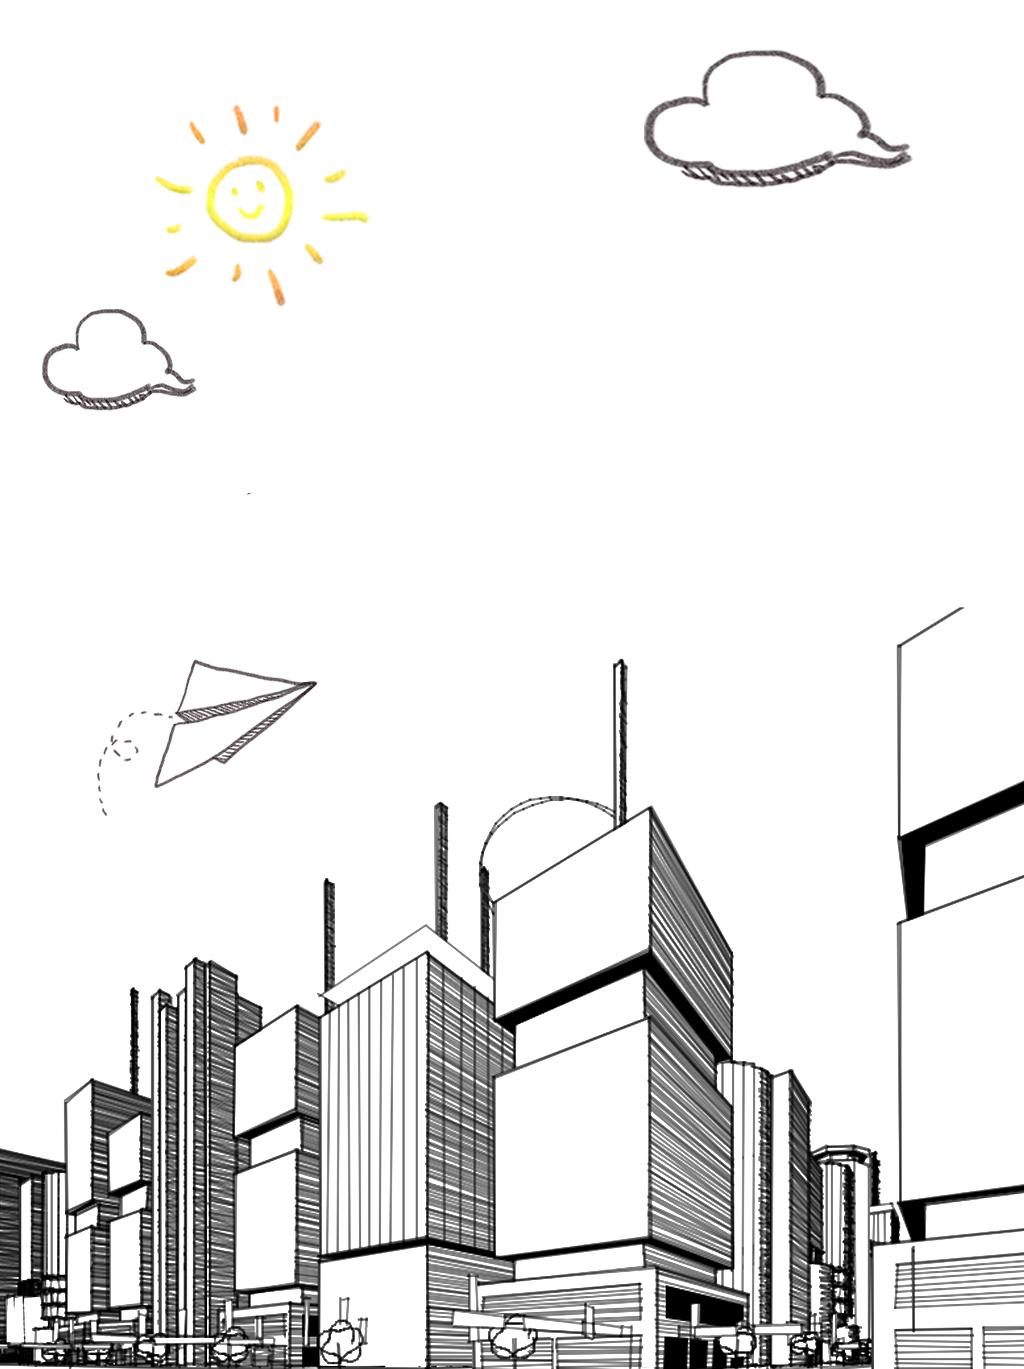 简笔画城市图片素材 其他格式 下载 其他海报设计大全